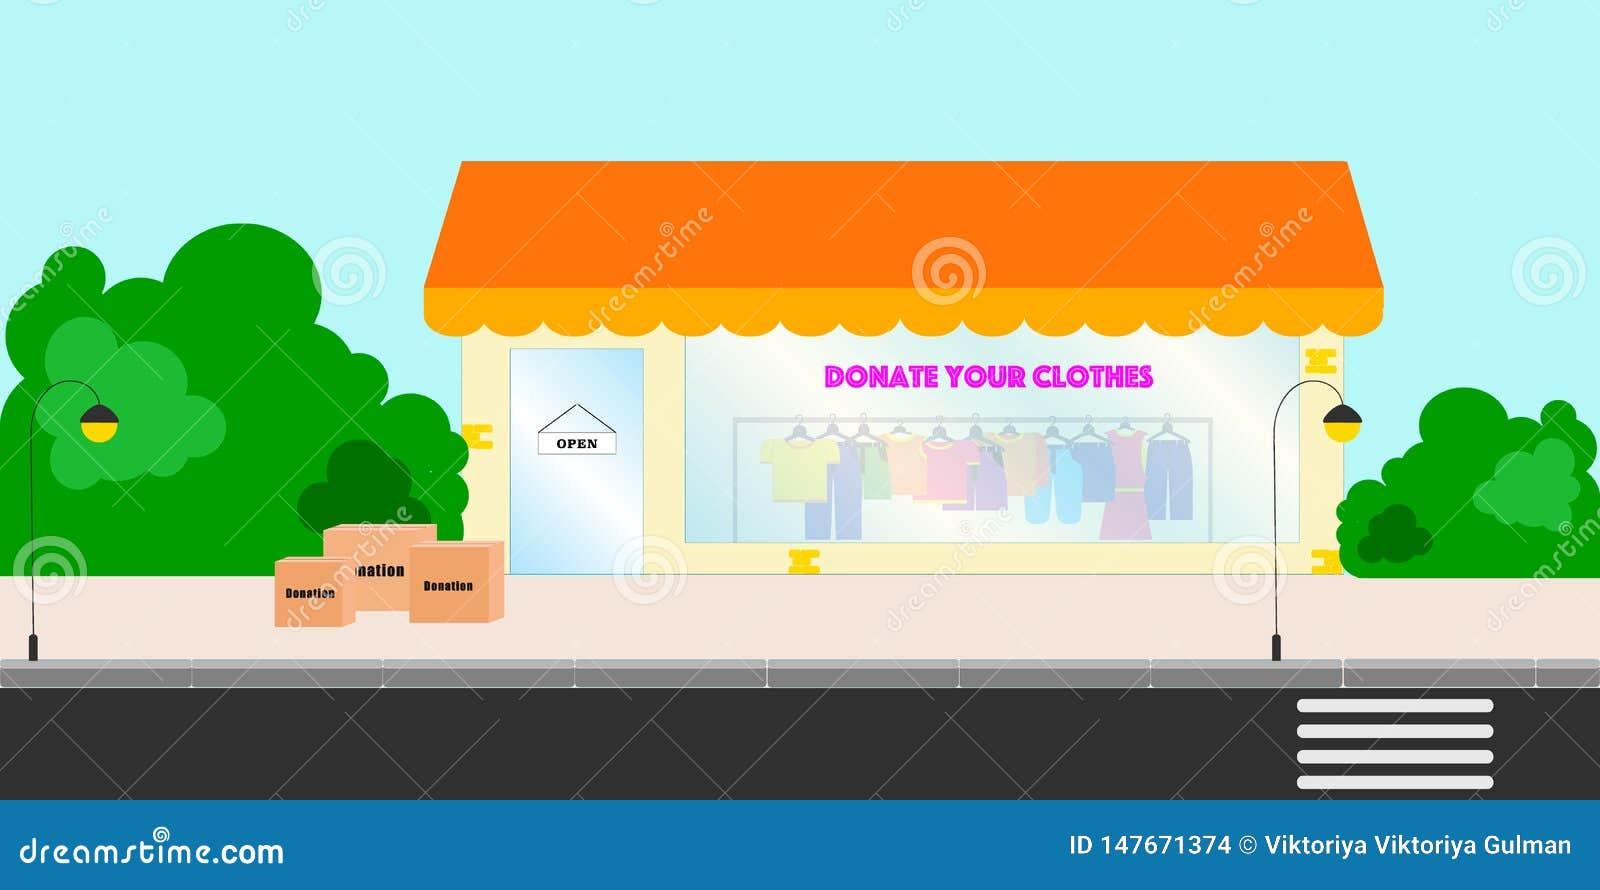 Witryny sklepowej okno z darującymi kolorowymi ubraniami na ramionach Ulica z drzewami, sklep z darujemy i odziewamy